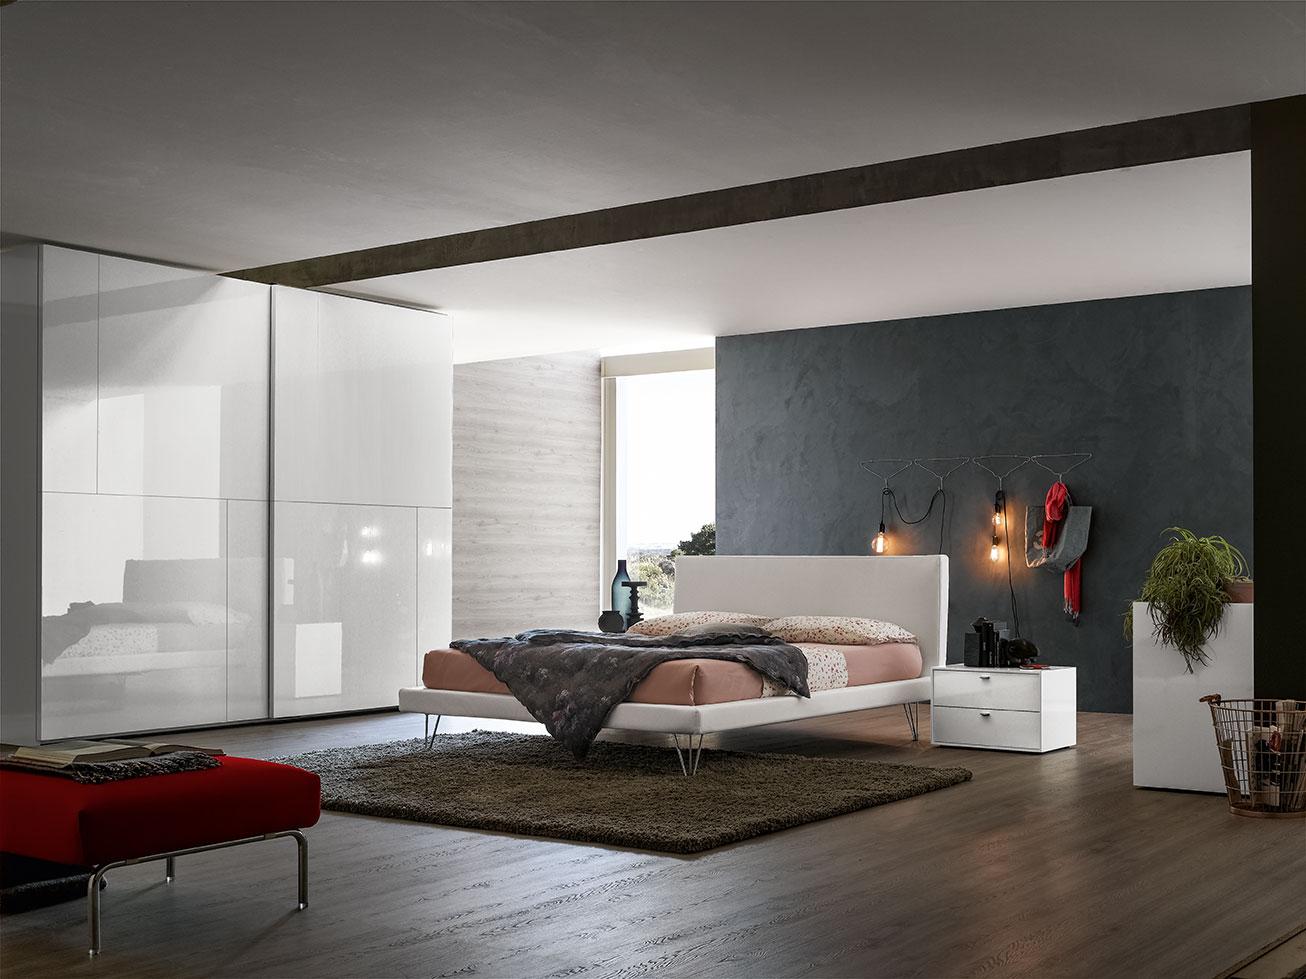 Soggiorni Moderni In Torino : Camere da letto moderne torino sumisura fabbrica arredamenti